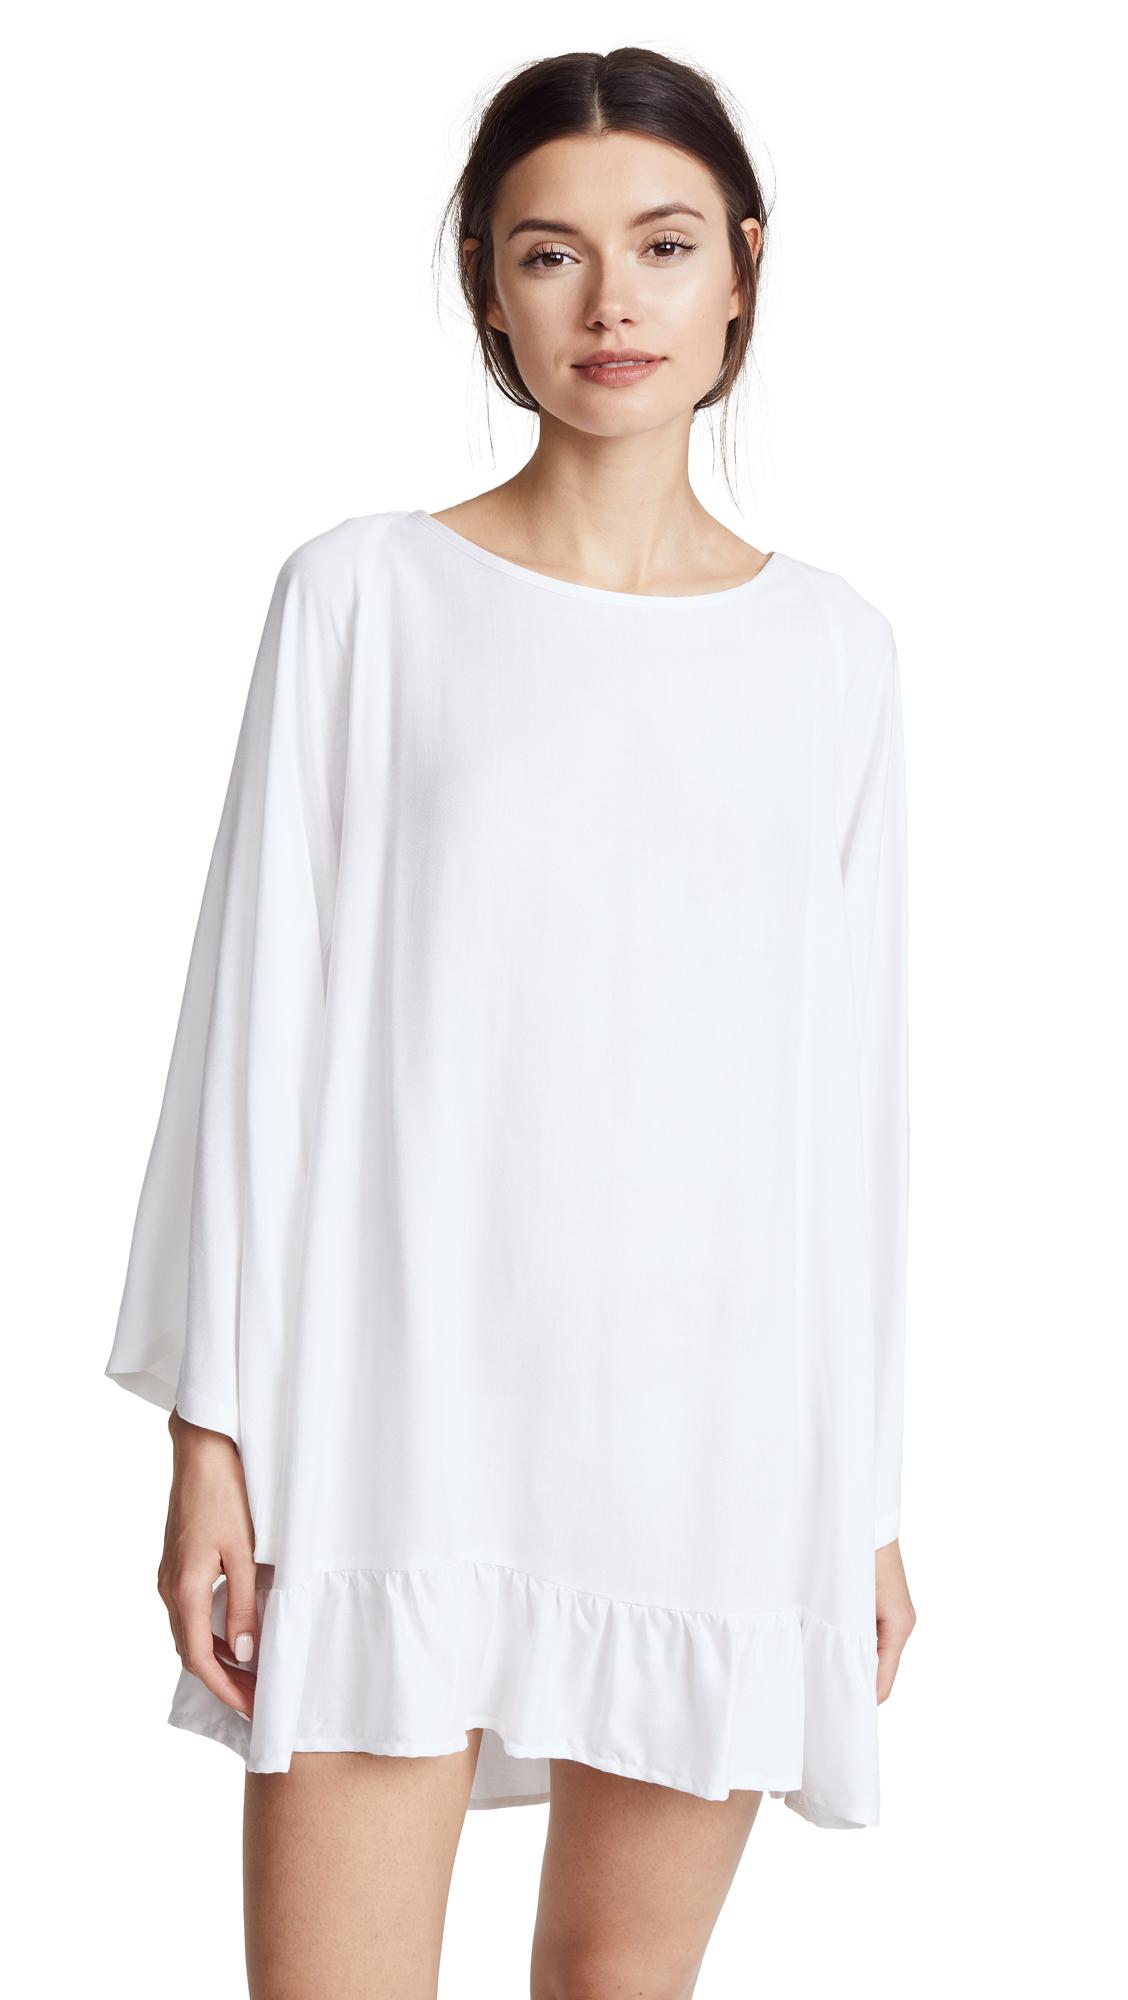 SUNDRESS Fiorella Dress - White/Neon Coral & Pink